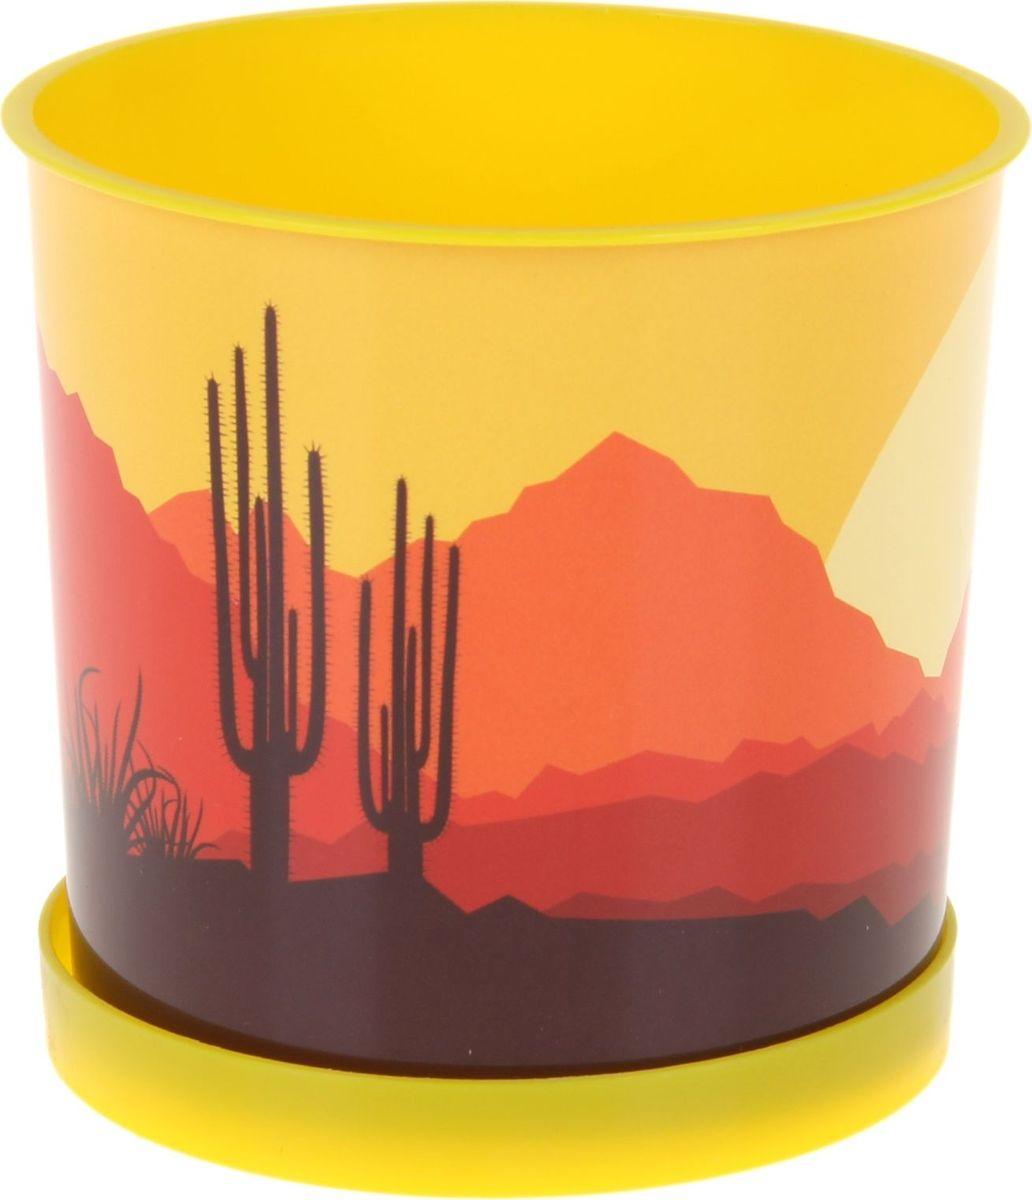 Горшок VesnaDecor Вечер в пустыне, для кактусов, с поддоном, 0,4 лC0042416Любой, даже самый современный и продуманный интерьер будет не завершённым без растений. Они не только очищают воздух и насыщают его кислородом, но и заметно украшают окружающее пространство. Такому полезному члену семьи просто необходимо красивое и функциональное кашпо, оригинальный горшок или необычная ваза! Мы предлагаем - Горшок для кактусов 400 мл, d=8,7 см Вечер в пустыне, с поддоном! Оптимальный выбор материала пластмасса! Почему мы так считаем? -Малый вес. С лёгкостью переносите горшки и кашпо с места на место, ставьте их на столики или полки, подвешивайте под потолок, не беспокоясь о нагрузке. -Простота ухода. Пластиковые изделия не нуждаются в специальных условиях хранения. Их легко чистить достаточно просто сполоснуть тёплой водой. -Никаких царапин. Пластиковые кашпо не царапают и не загрязняют поверхности, на которых стоят. -Пластик дольше хранит влагу, а значит растение реже нуждается в поливе. -Пластмасса не пропускает воздух корневой системе растения не грозят резкие перепады температур. -Огромный выбор форм, декора и расцветок вы без труда подберёте что-то, что идеально впишется в уже существующий интерьер. Соблюдая нехитрые правила ухода, вы можете заметно продлить срок службы горшков, вазонов и кашпо из пластика: -всегда учитывайте размер кроны и корневой системы растения (при разрастании большое растение способно повредить маленький горшок)-берегите изделие от воздействия прямых солнечных лучей, чтобы кашпо и горшки не выцветали-держите кашпо и горшки из пластика подальше от нагревающихся поверхностей. Создавайте прекрасные цветочные композиции, выращивайте рассаду или необычные растения, а низкие цены позволят вам не ограничивать себя в выборе.